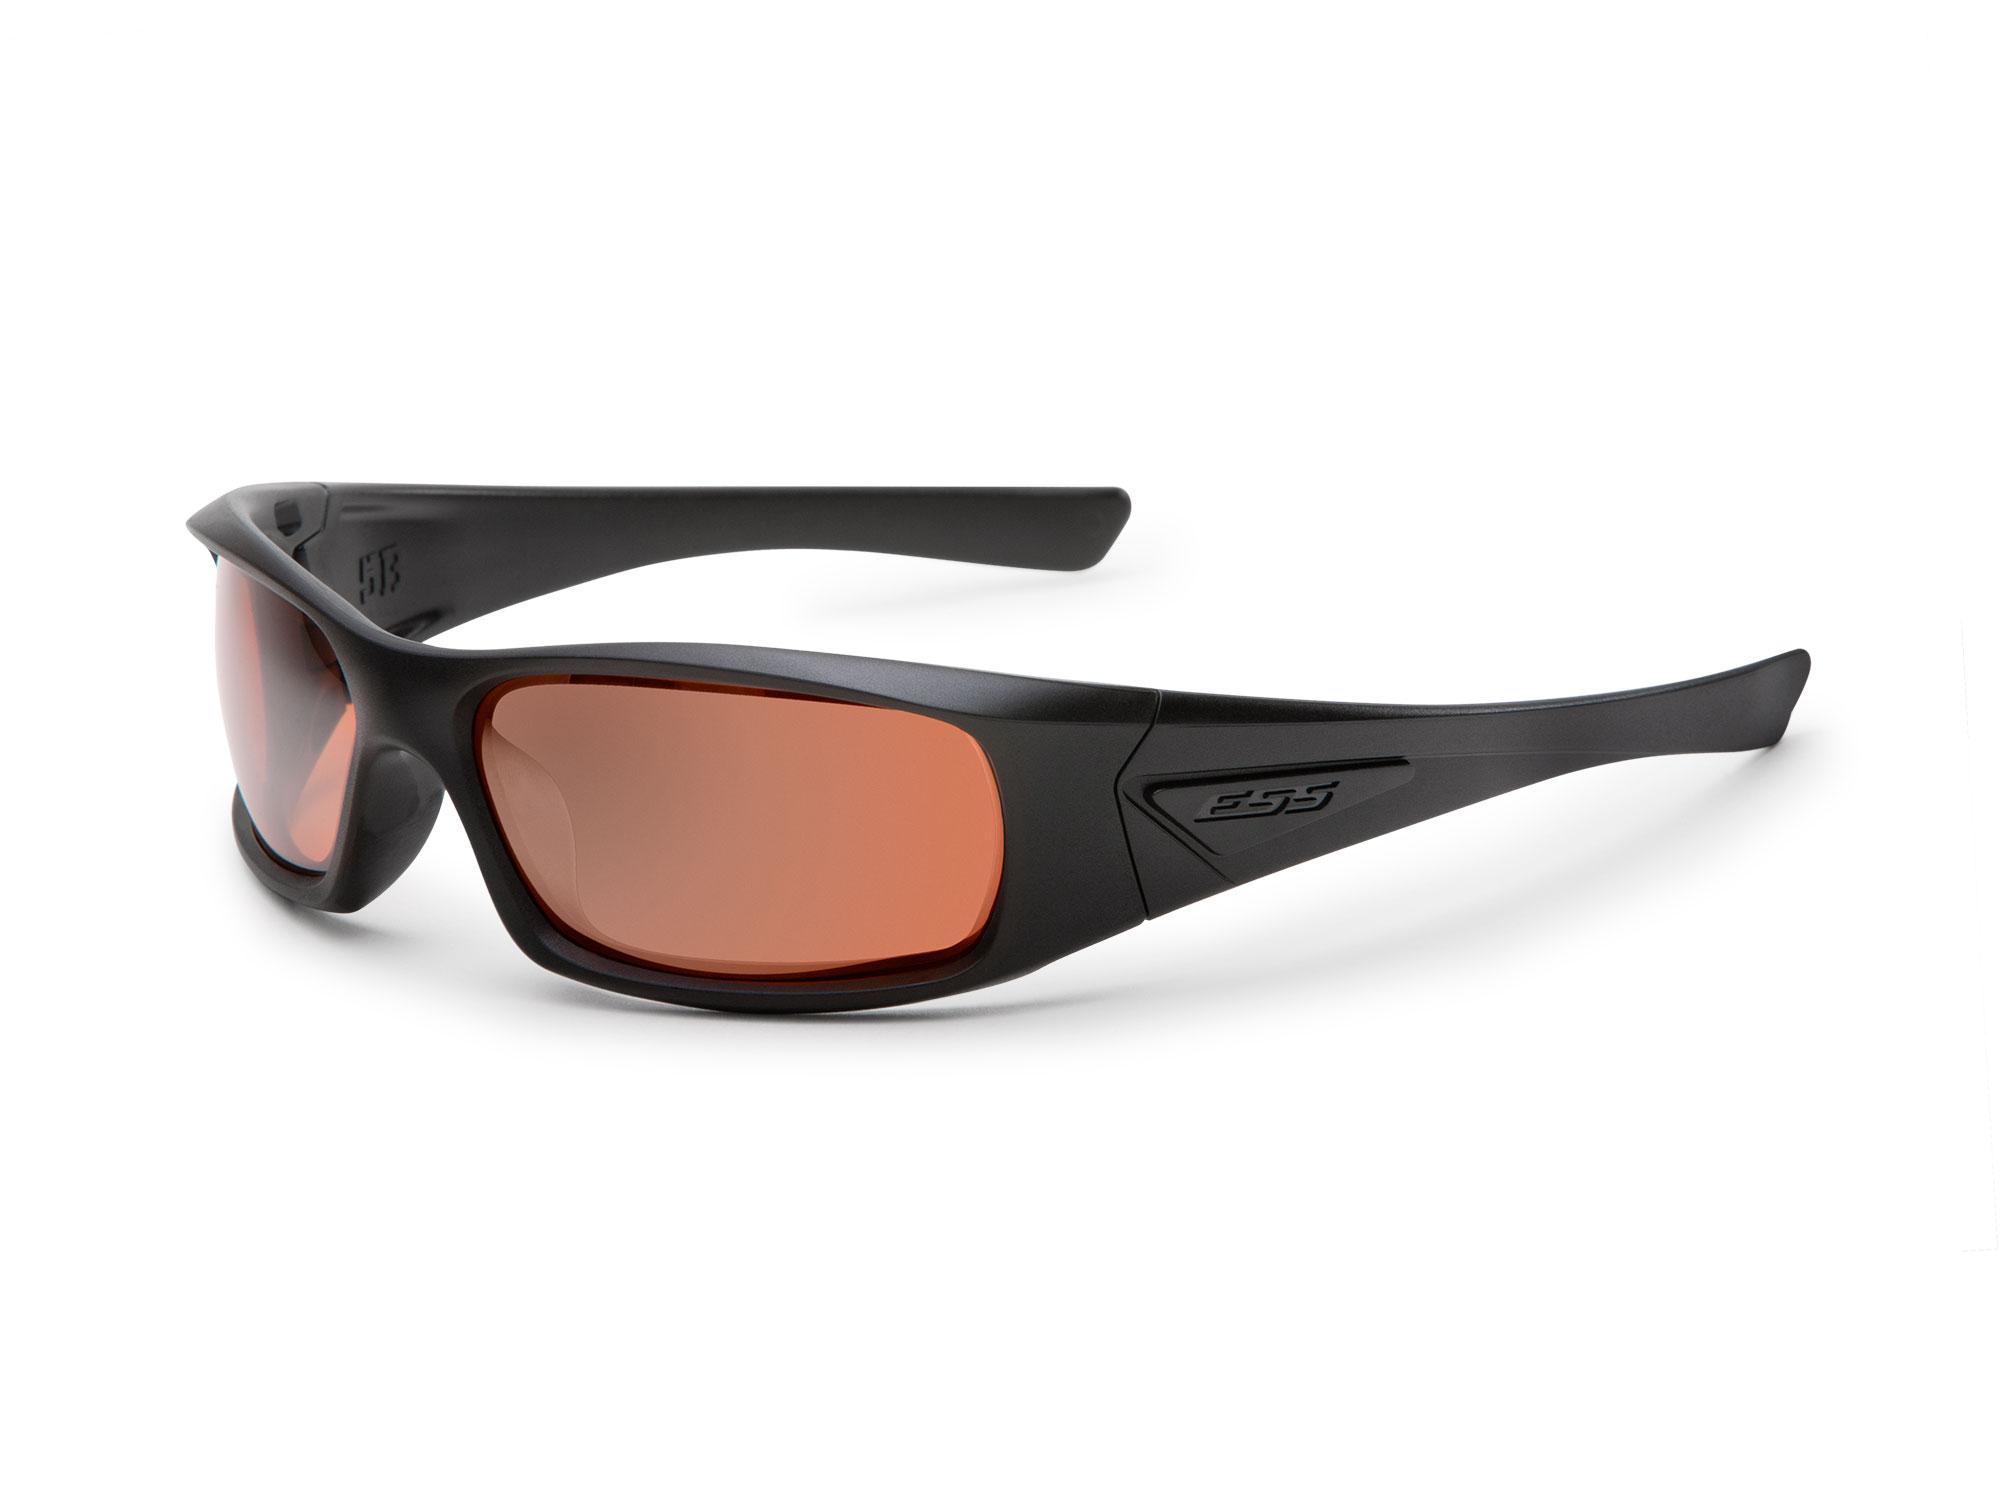 EE9006-02 フレーム:ブラック、レンズ:ミラーコッパー